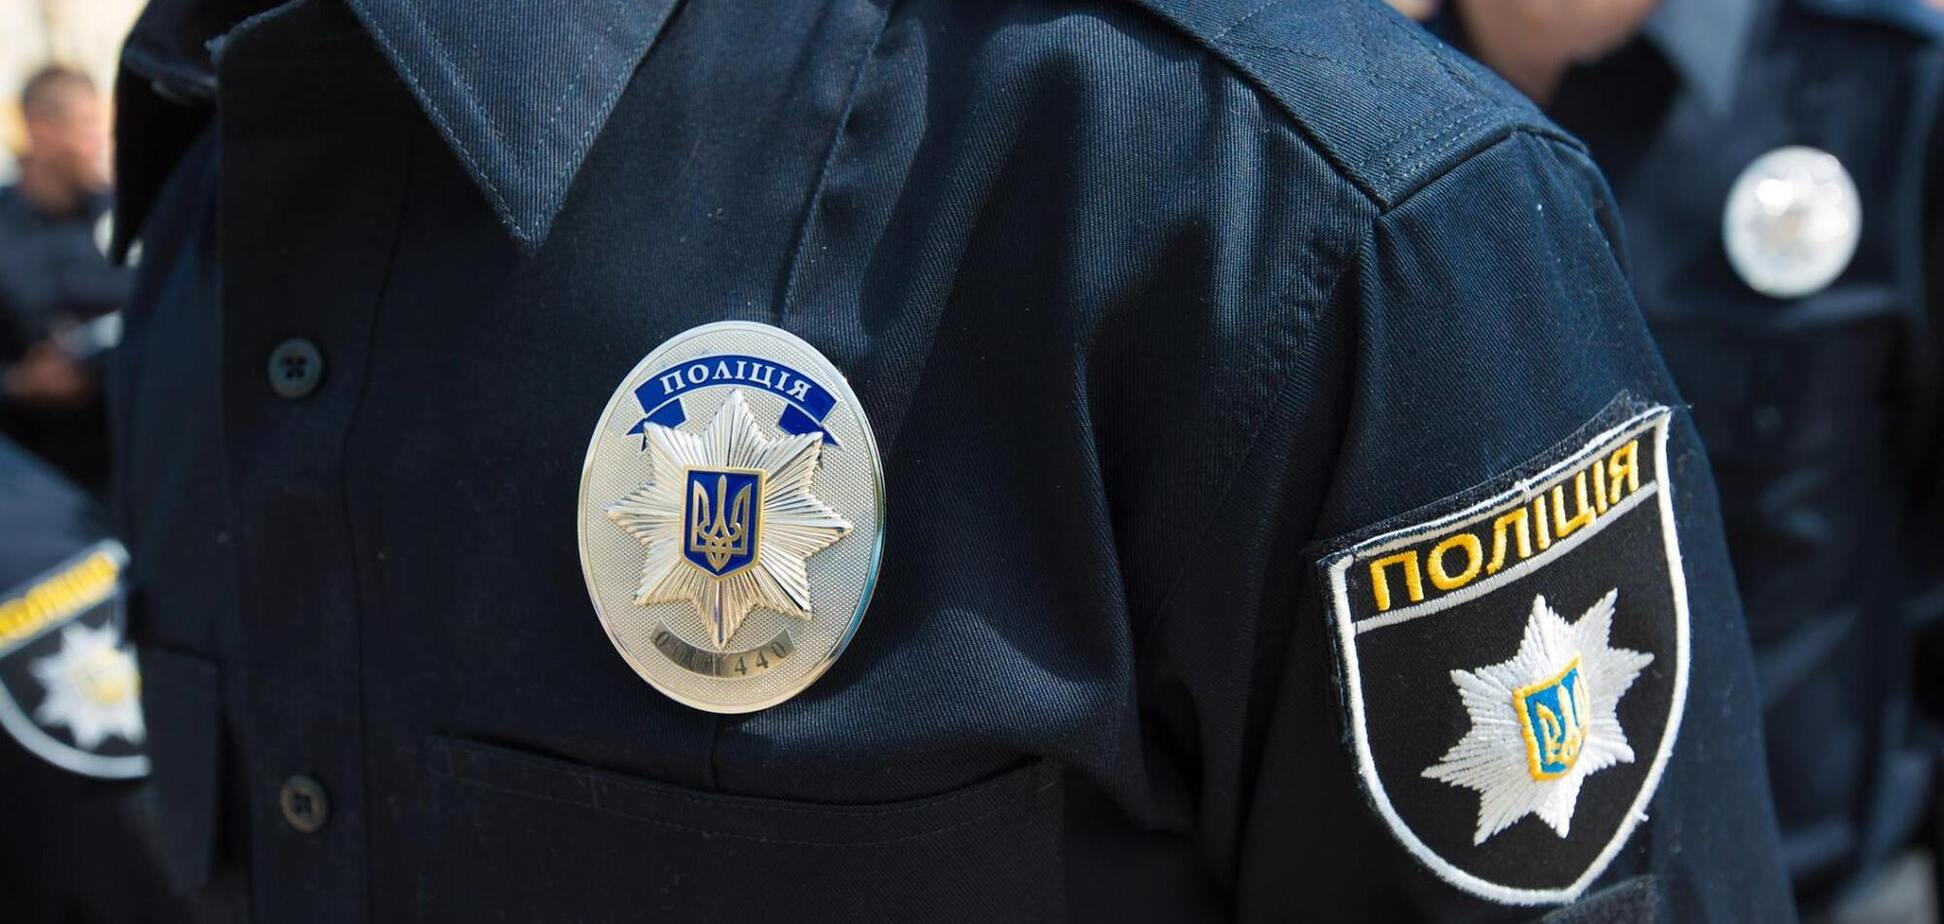 Поліція розповіла подробиці конфлікту в ресторані Харкова